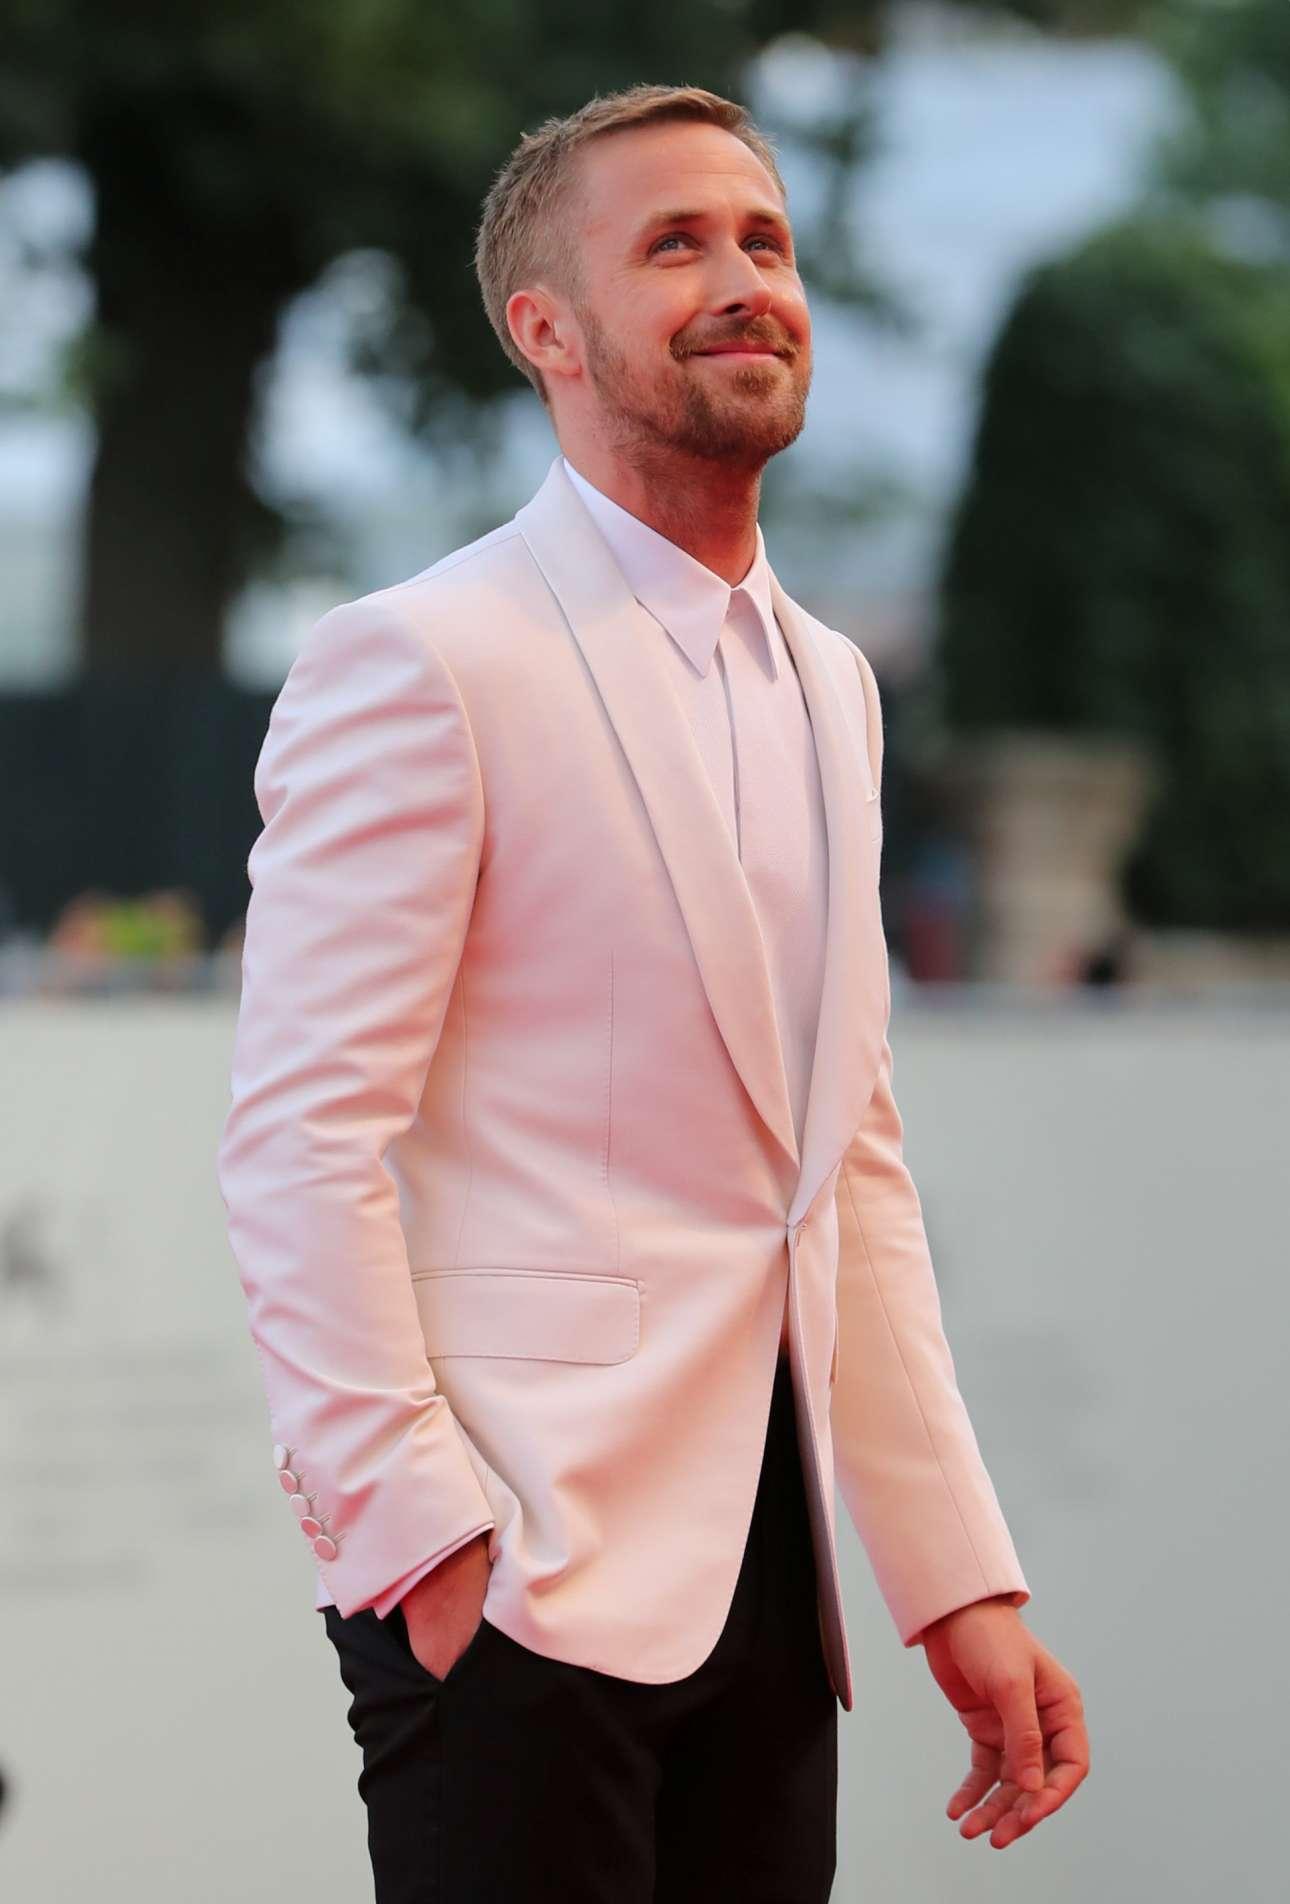 Ο Ράιαν Γκόσλινγκ καταφθάνει στο κόκκινο χαλί για τη νέα του ταινία «First Man», όπου θα υποδύεται τον Νιλ Αρμστρονγκ. Ο γοητευτικός ηθοποιός διάλεξε ένα κομψό λευκό κοστούμι Gucci, χωρίς γραβάτα